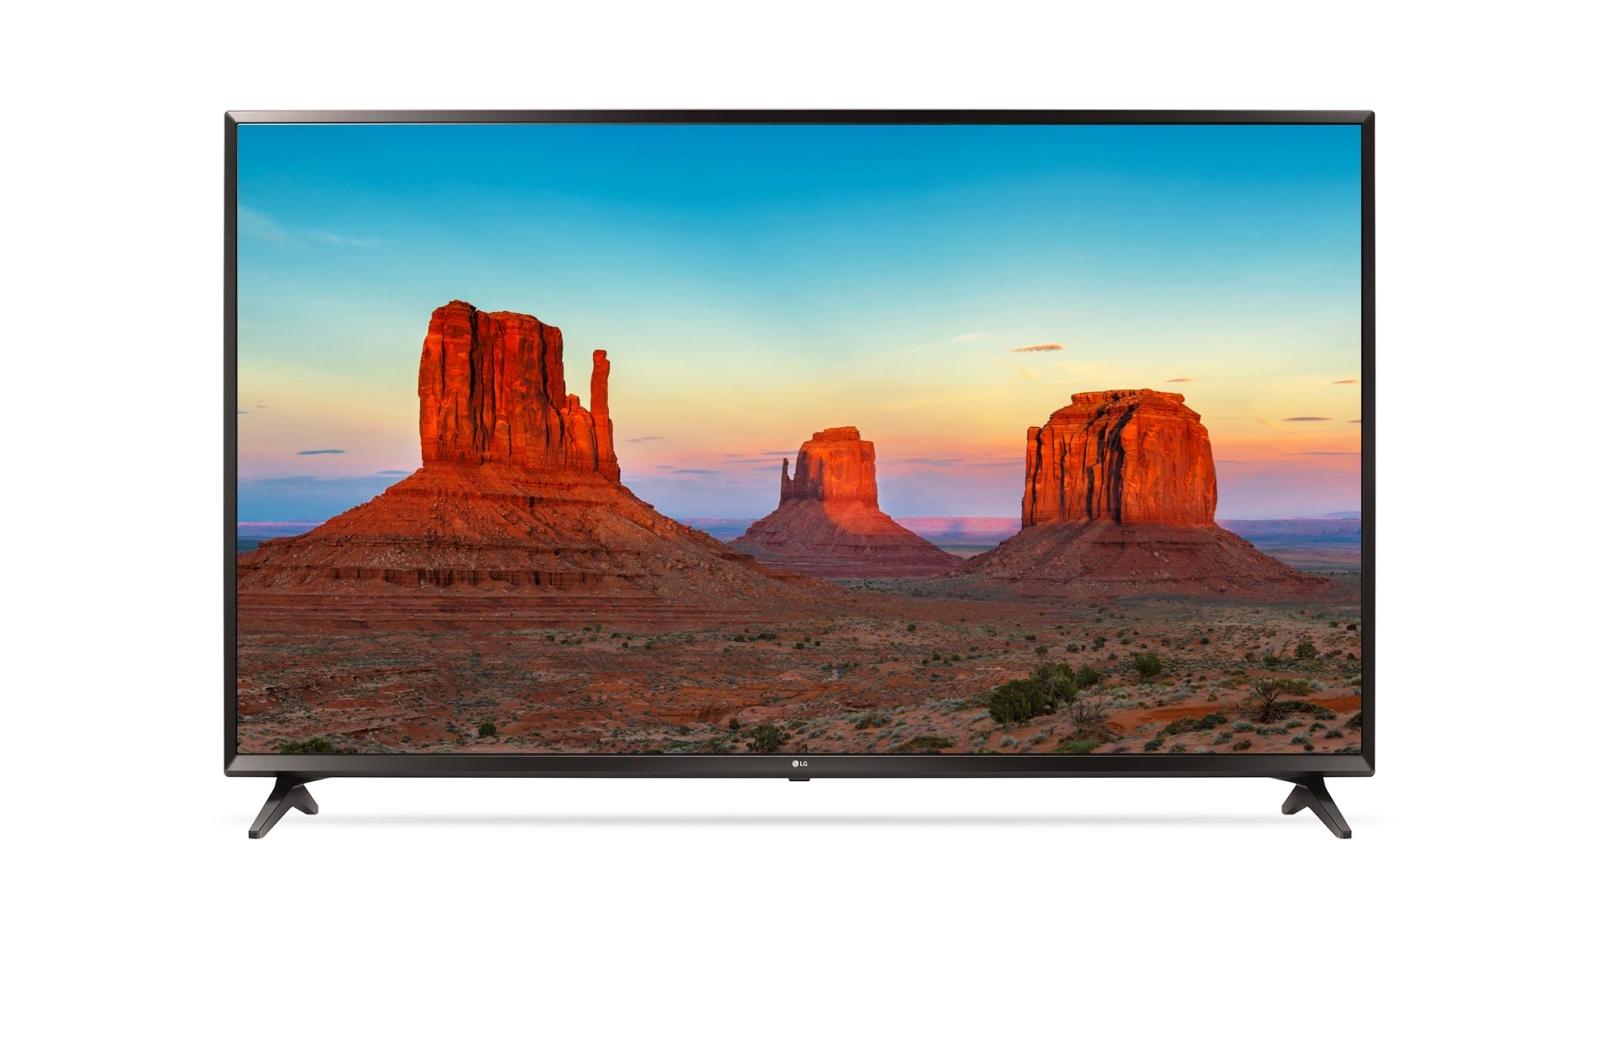 86 Inch UHD SMART LED TV